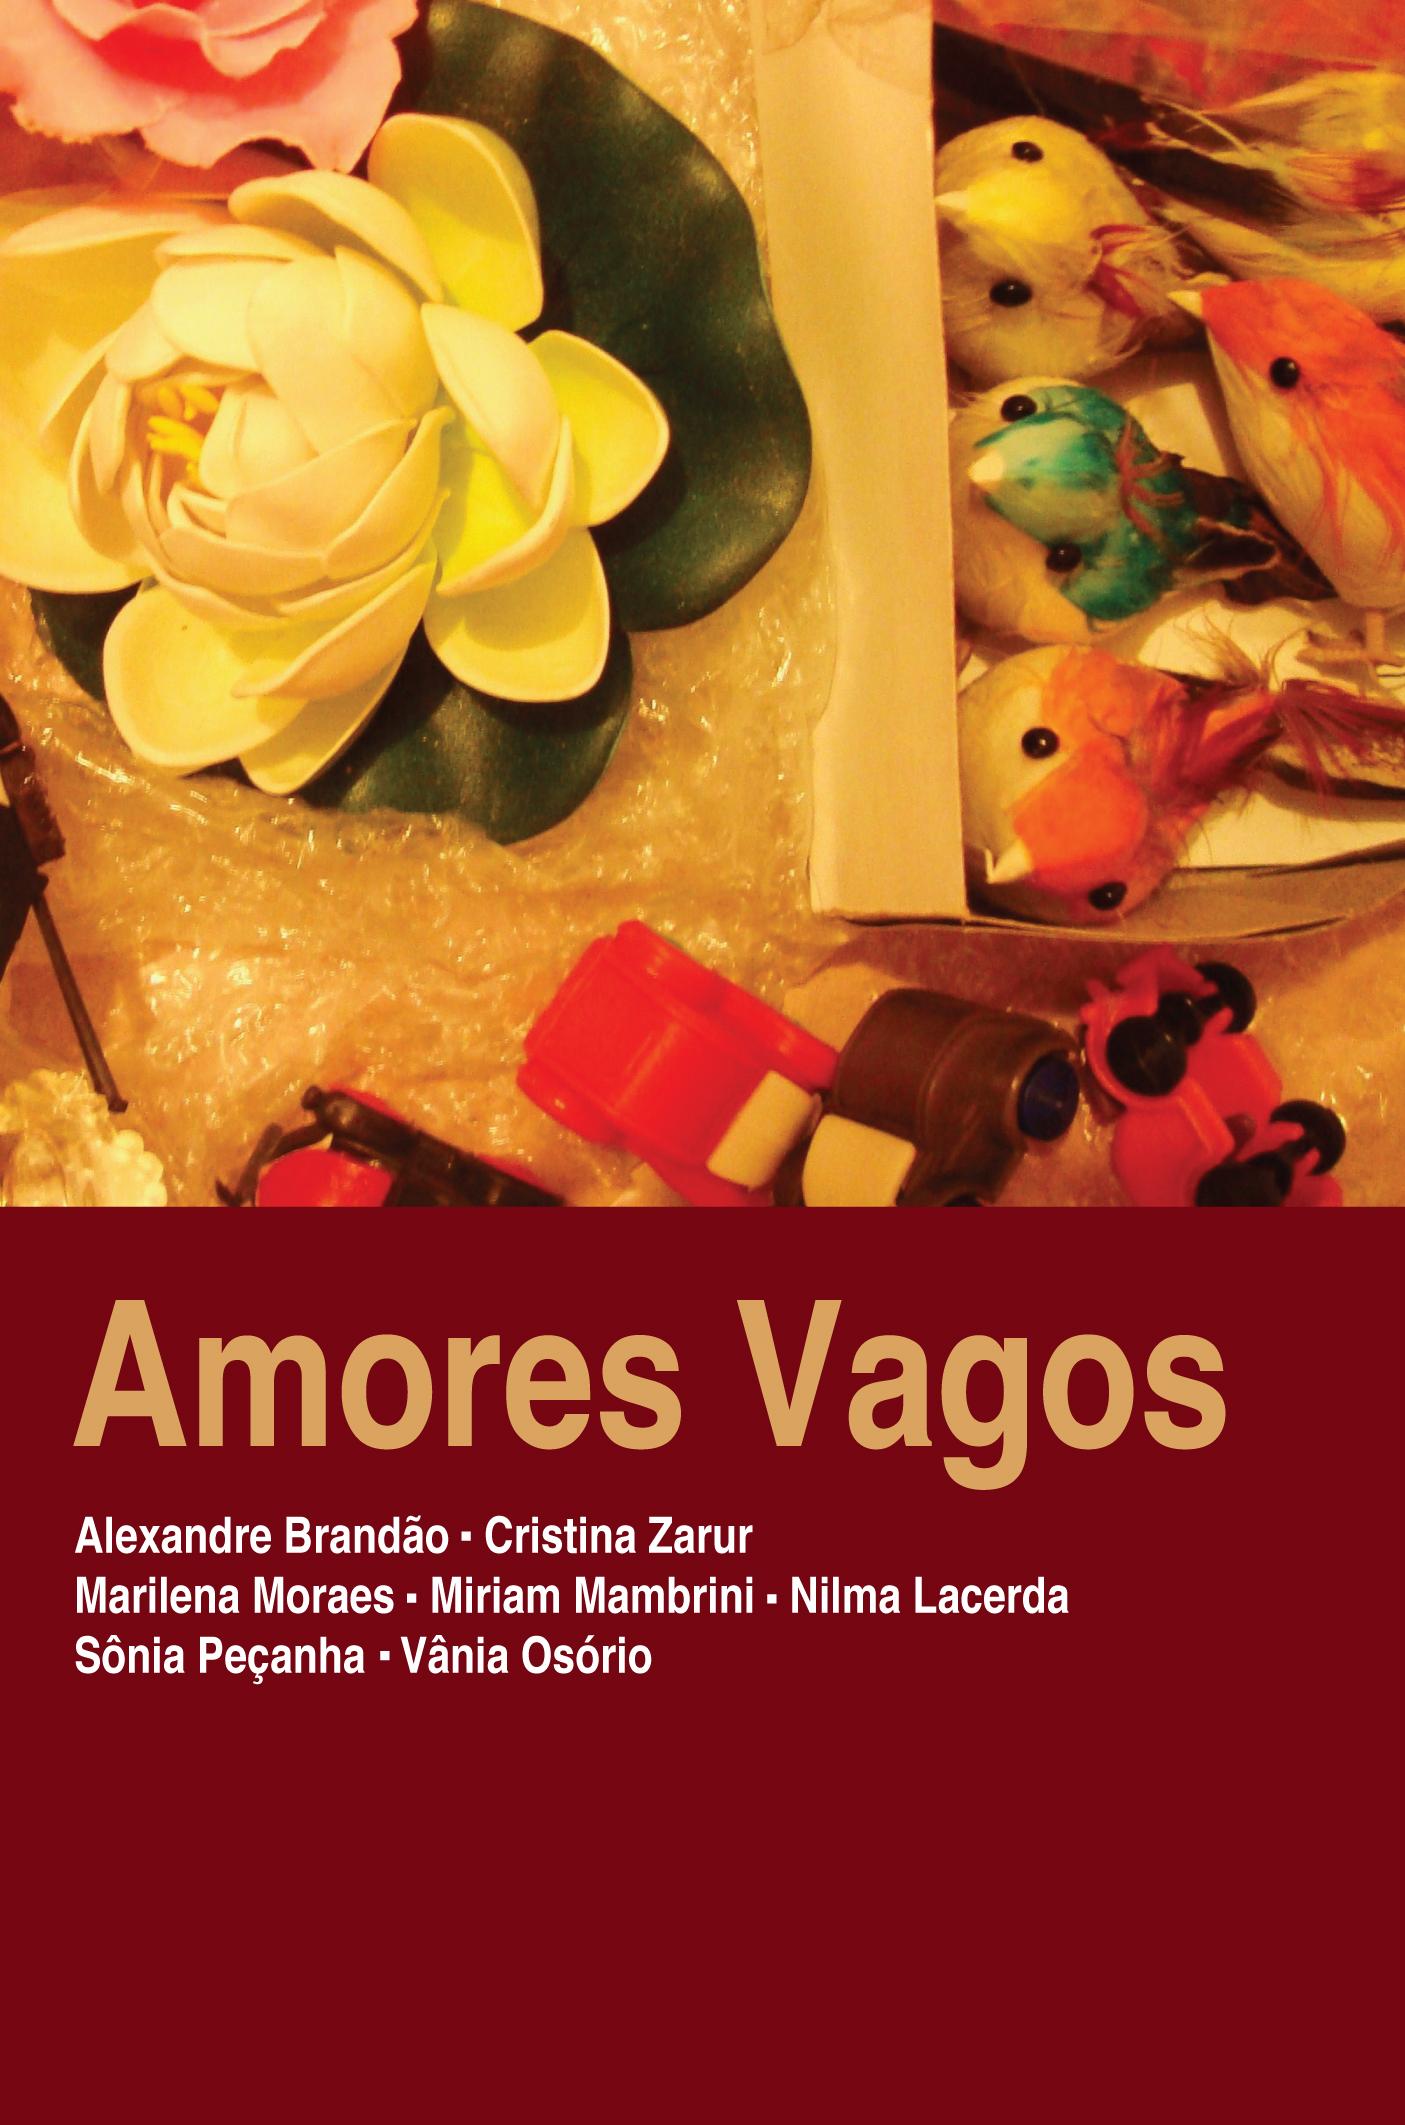 amoresvagos_capa_com_masi_resolução